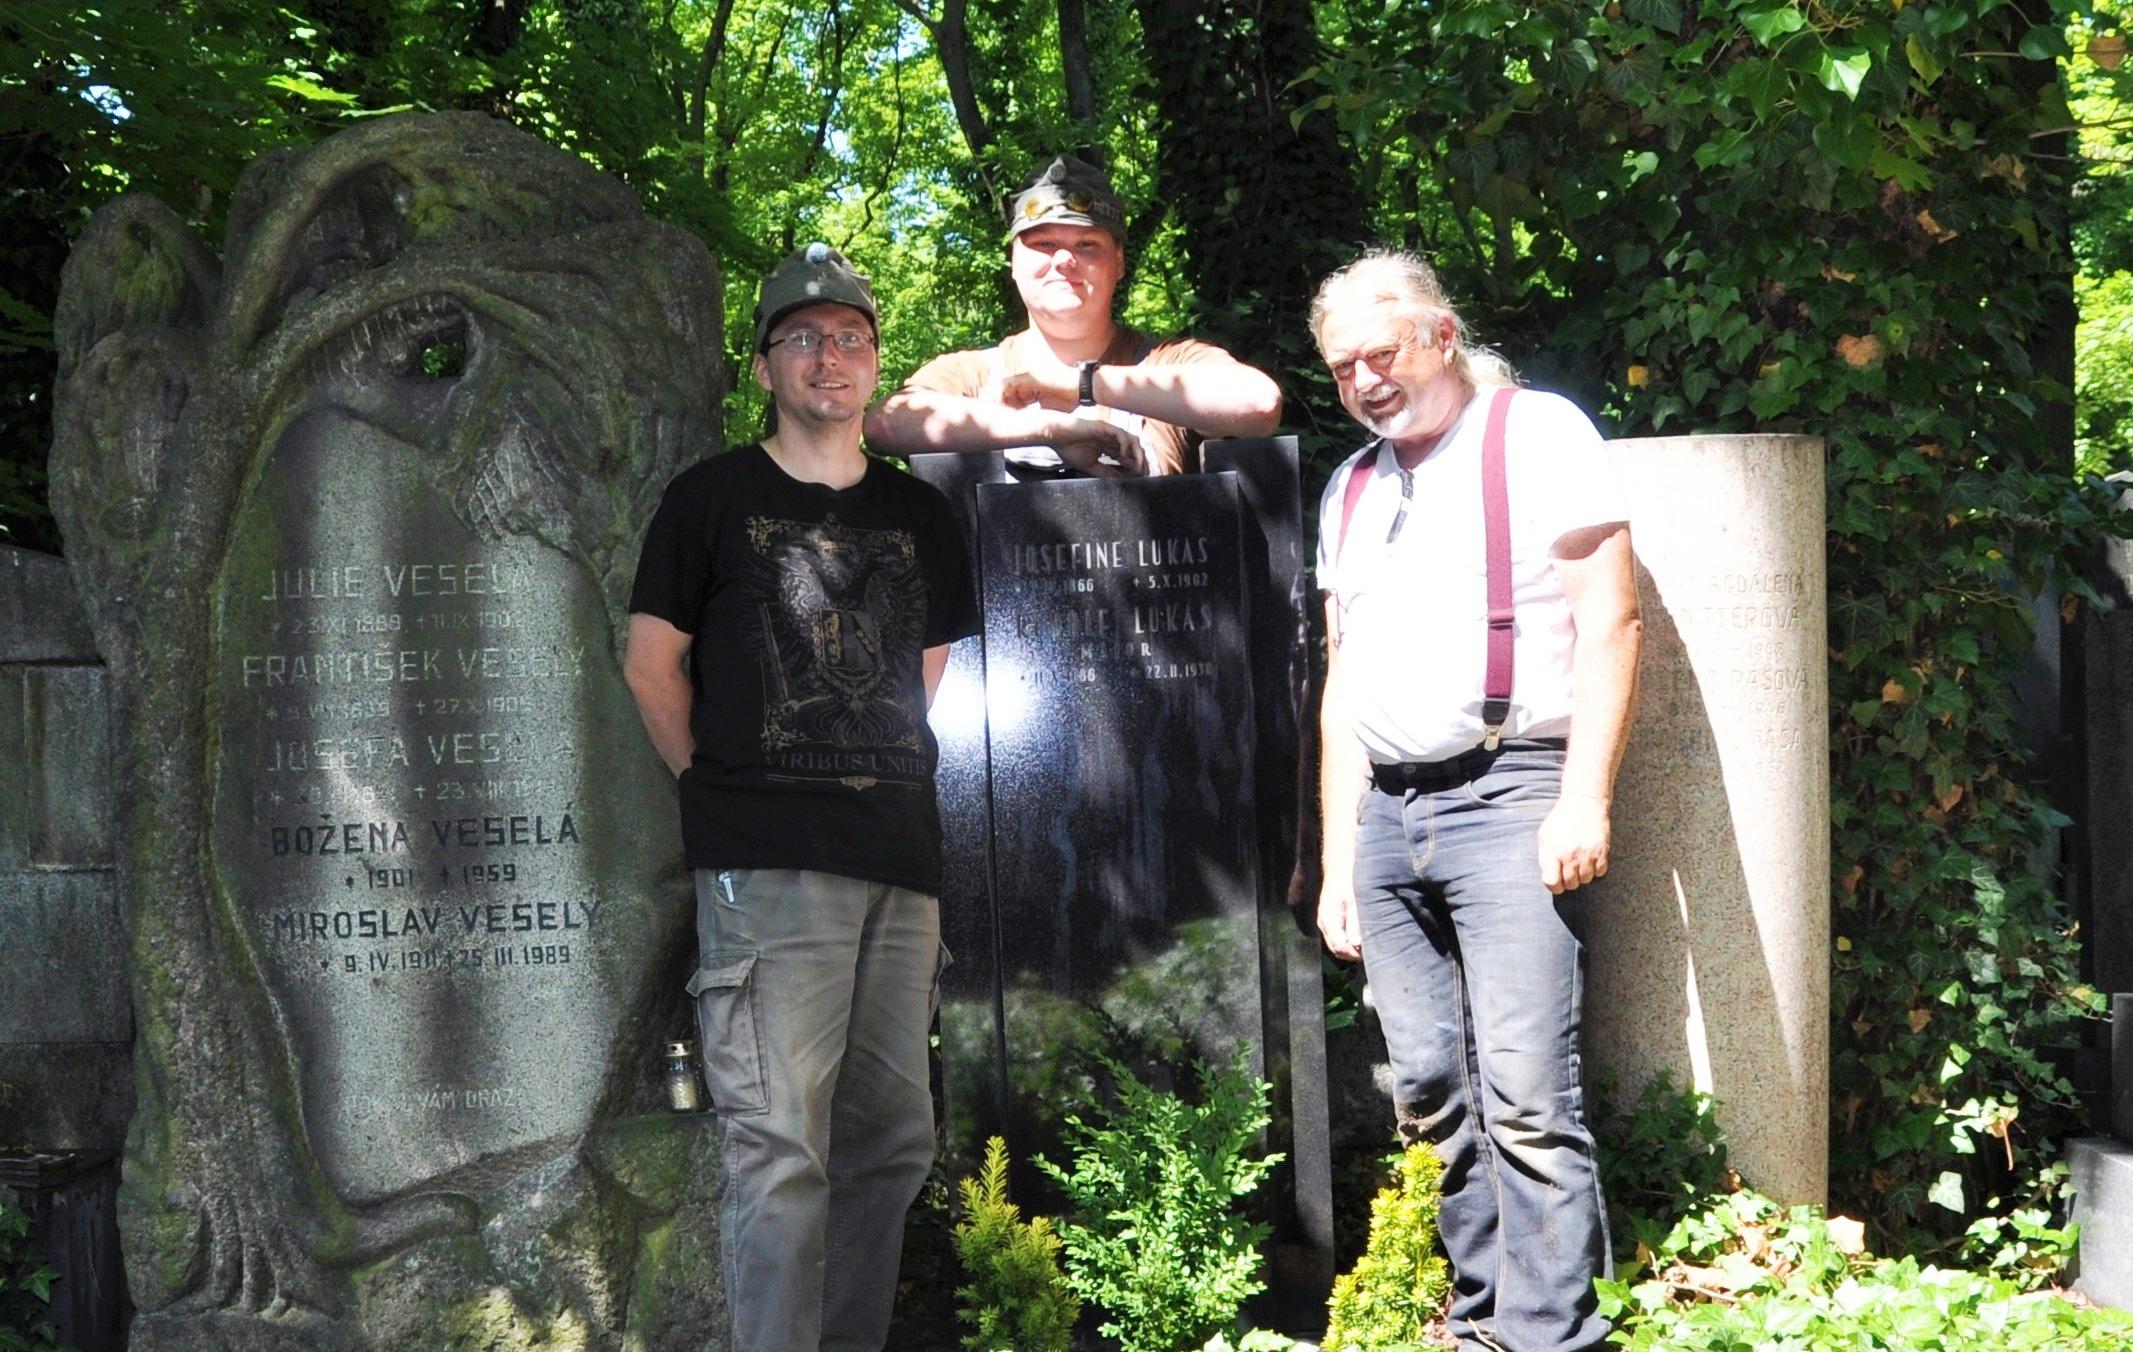 Členové spolku Jednadevadesátníci, který se hlásí k odkazu 91. pěšího pluku z Českých Budějovic, u hrobu Rudolfa Lukase